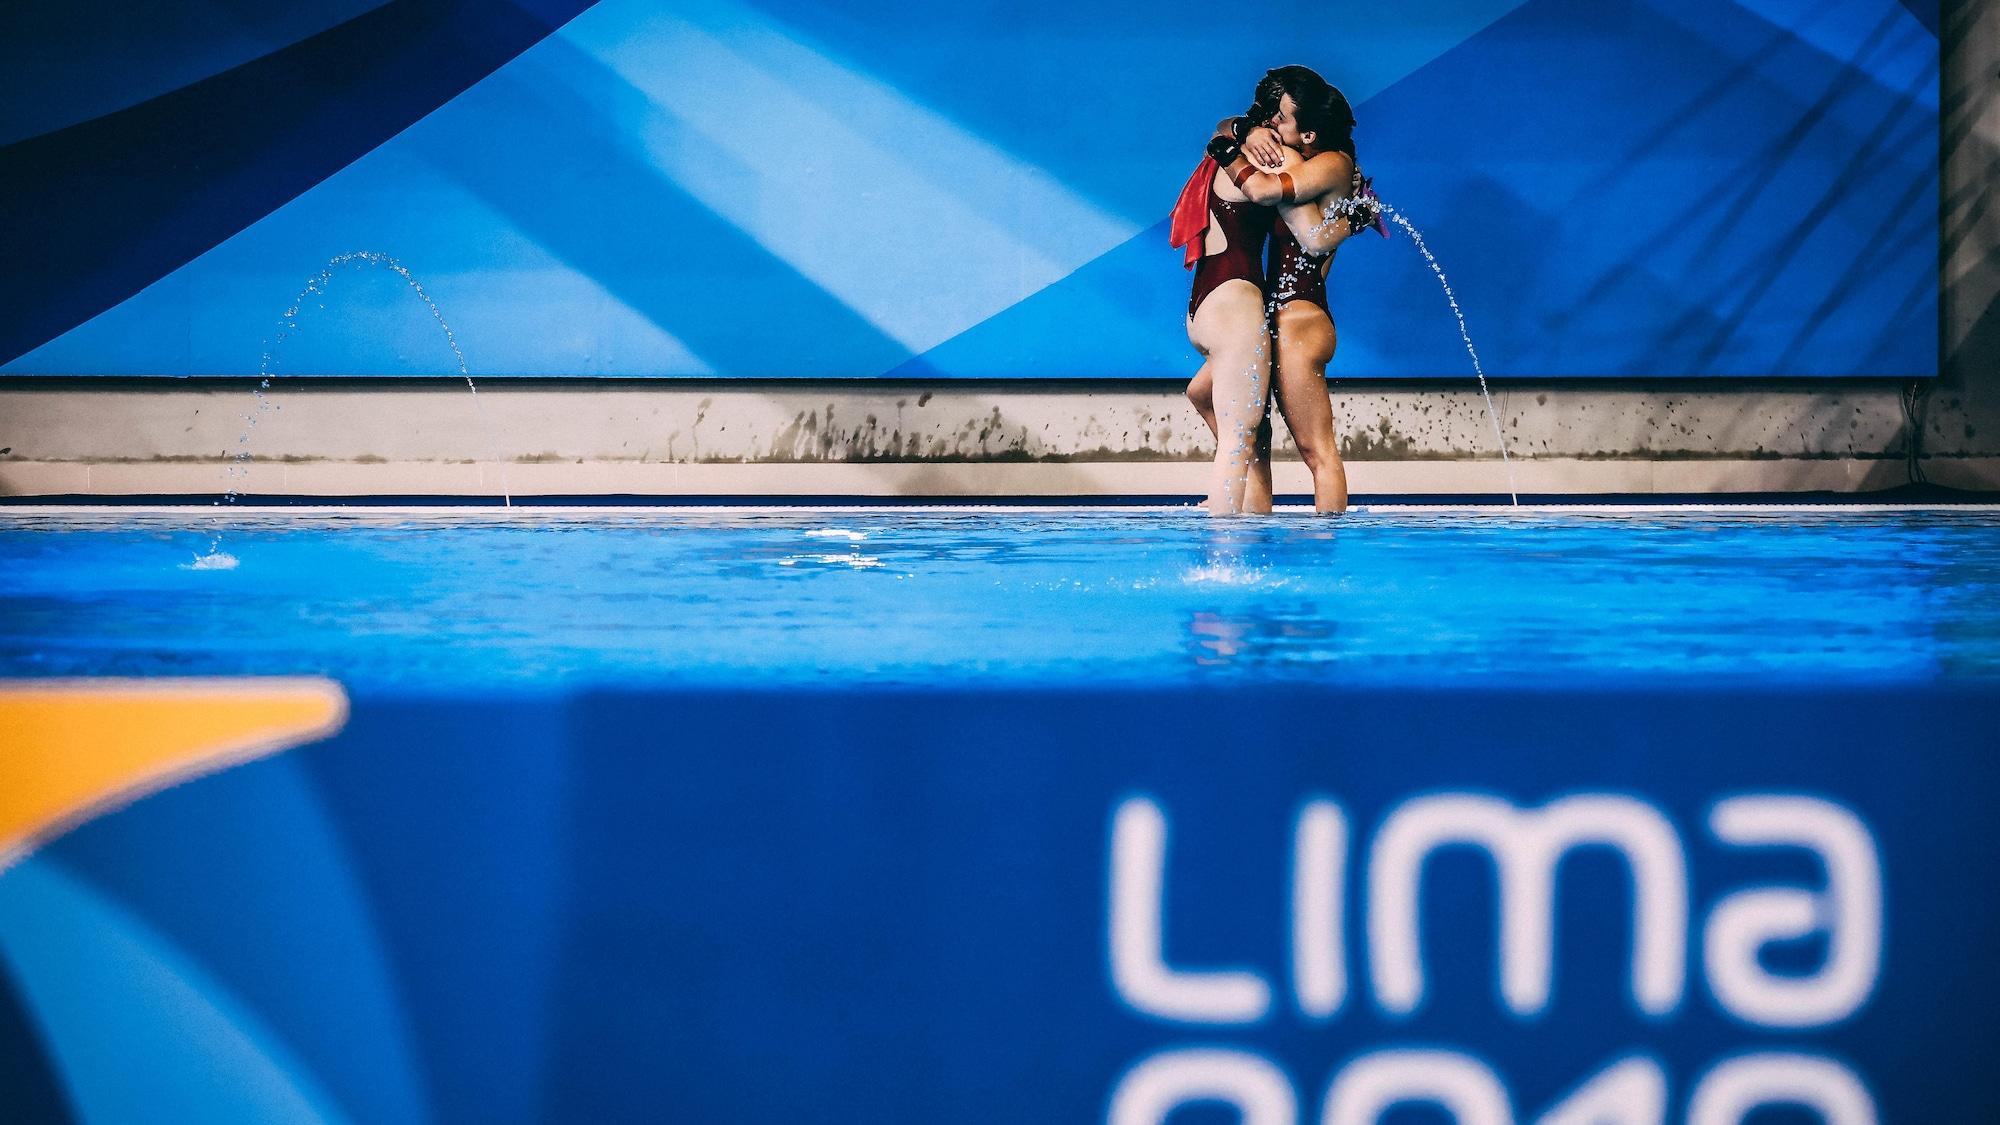 Caeli McKay et Meaghan Benfeito s'enlacent après leur victoire en plongeon synchronisé à la plateforme de 10 m aux Jeux panaméricains de Lima, au Pérou, à l'été 2019.